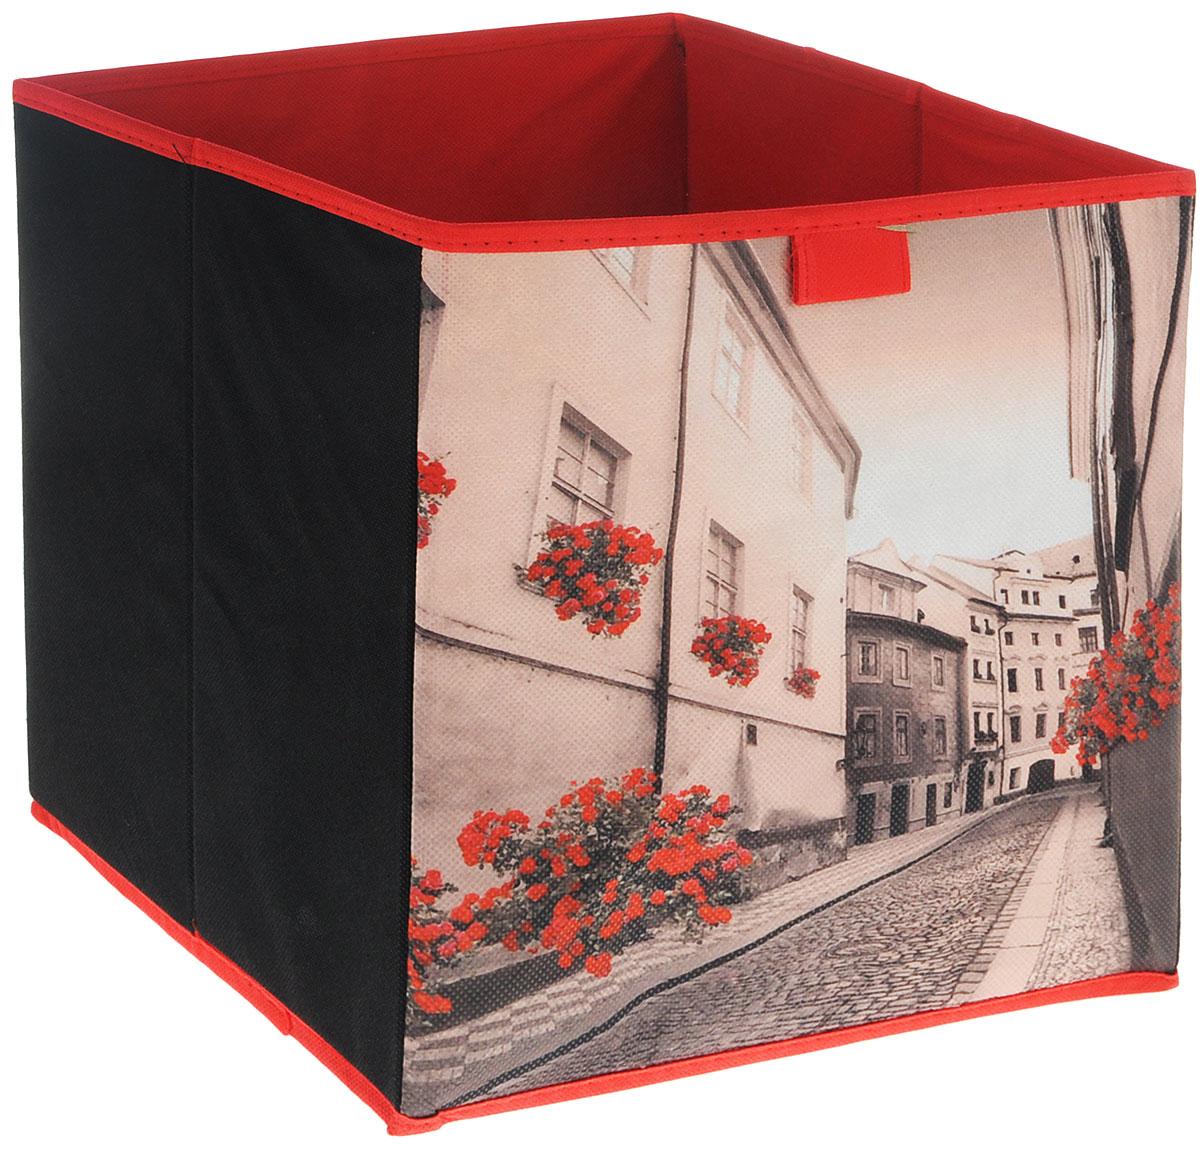 Коробка для хранения Youll love, складная, цвет: красный, 27 х 27 х 28 смRG-D31SКоробка для хранения Youll love поможет легко организовать пространство в шкафу или в гардеробе. Изделие выполнено из нетканого полотна(полипропилена). Коробка держит форму благодаря жесткой вставке из картона, которая устанавливается на дно. В такой коробке удобно хранить нижнее белье, ремни и различные аксессуары. Высота коробки в разобранном виде: 28 см.